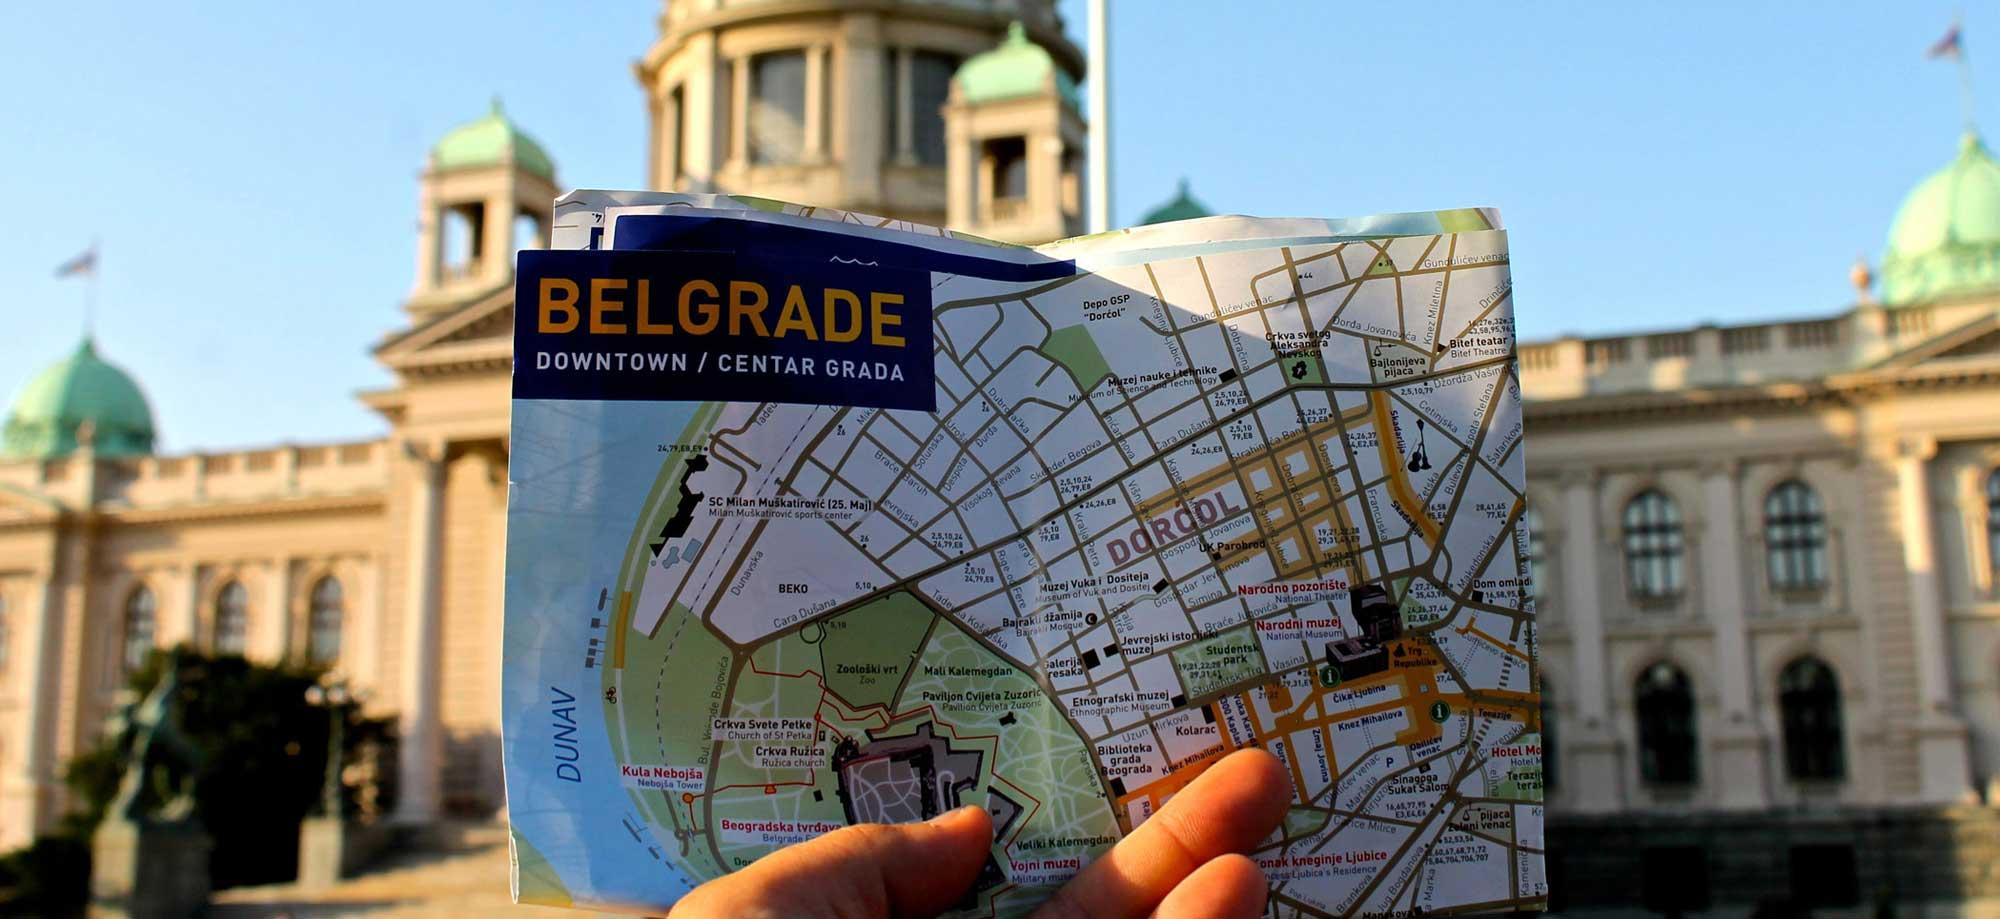 راهنمای سفر به بلگراد ؛ یک روز در شهر سفید صربستان